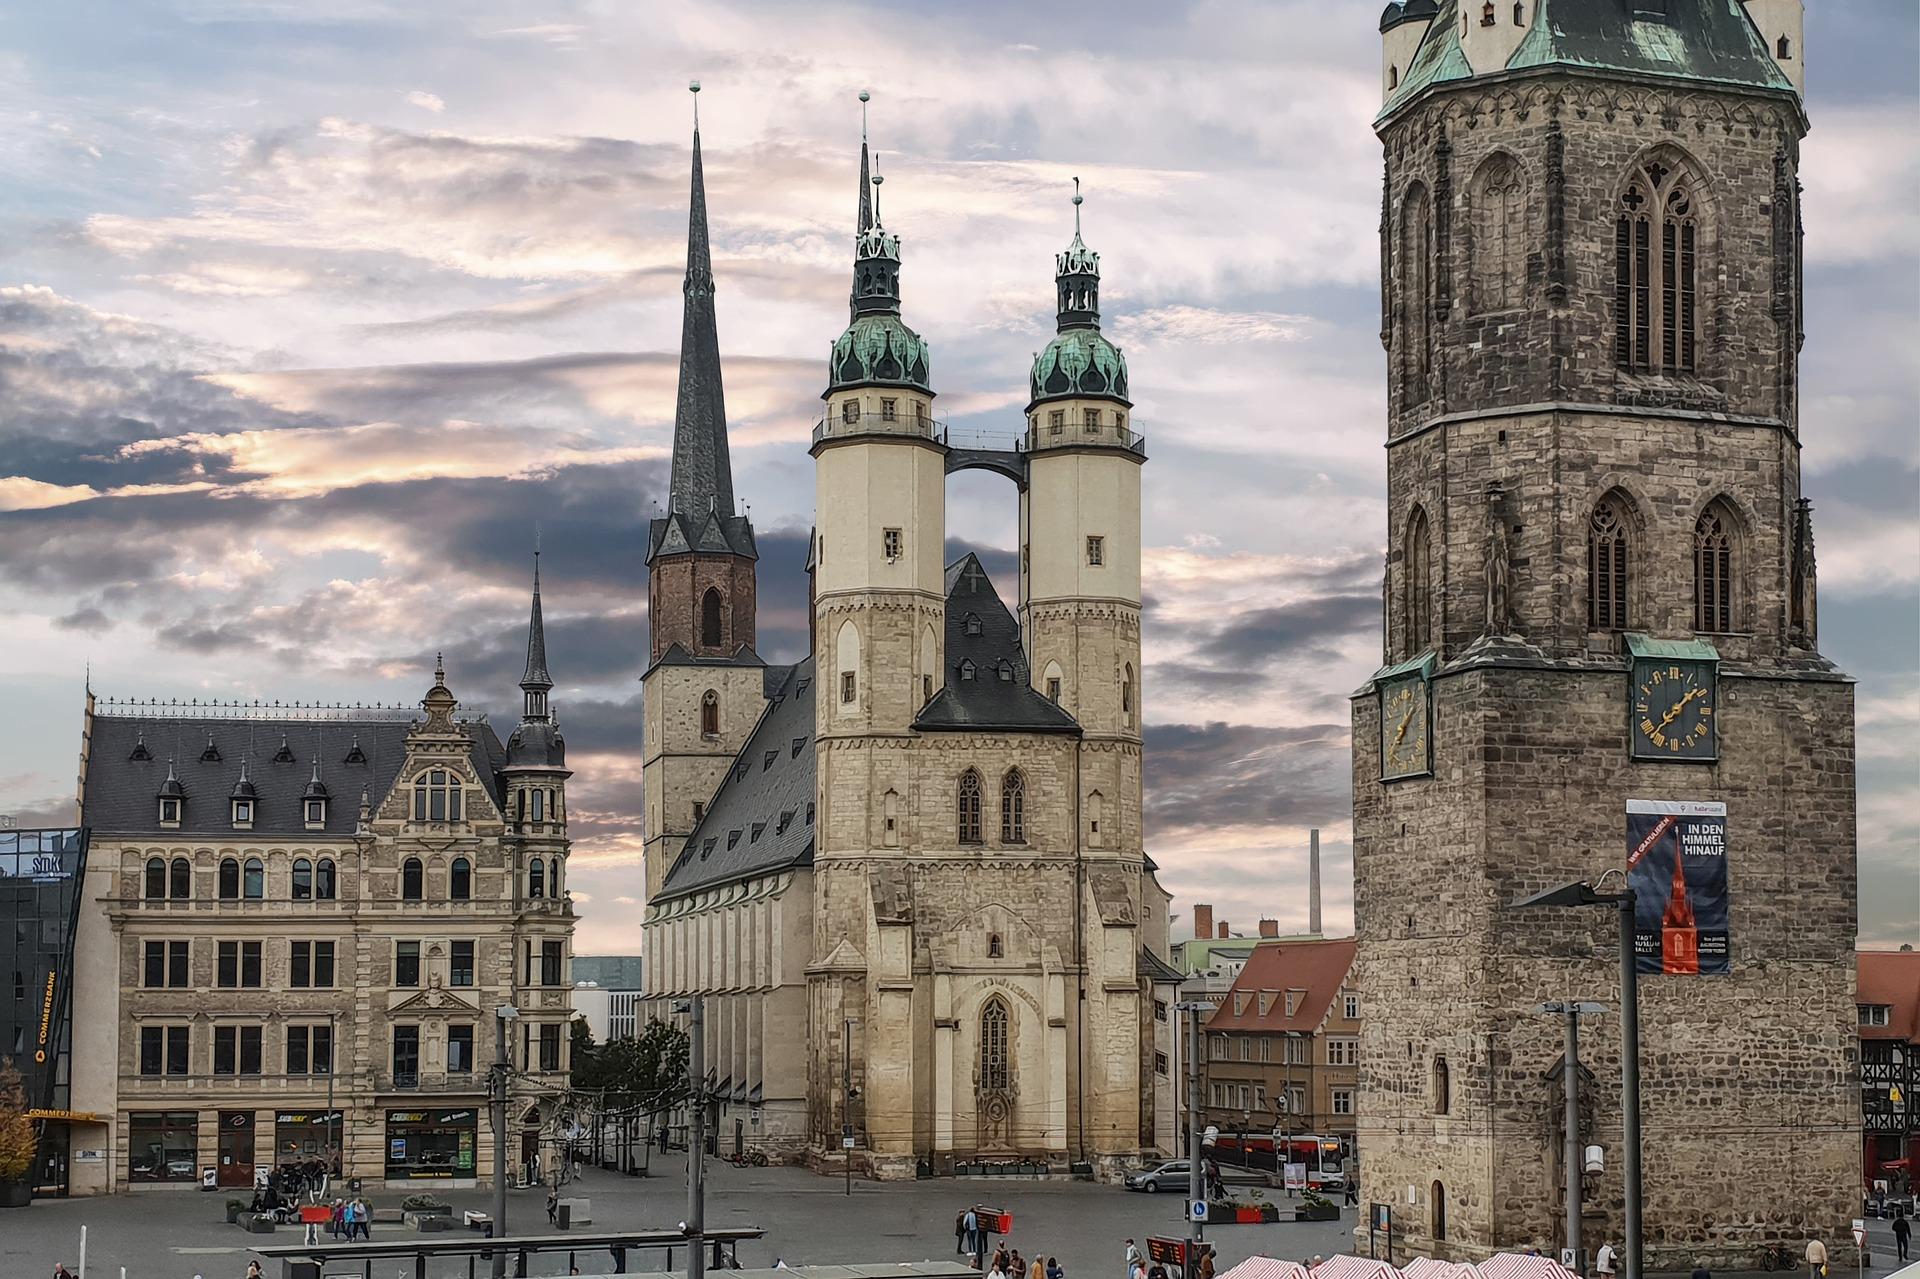 Austragungsort des Bundeswettbewerbs von Jugend musiziert 2019: Halle an der Saale © gemeinfrei/Pixabay